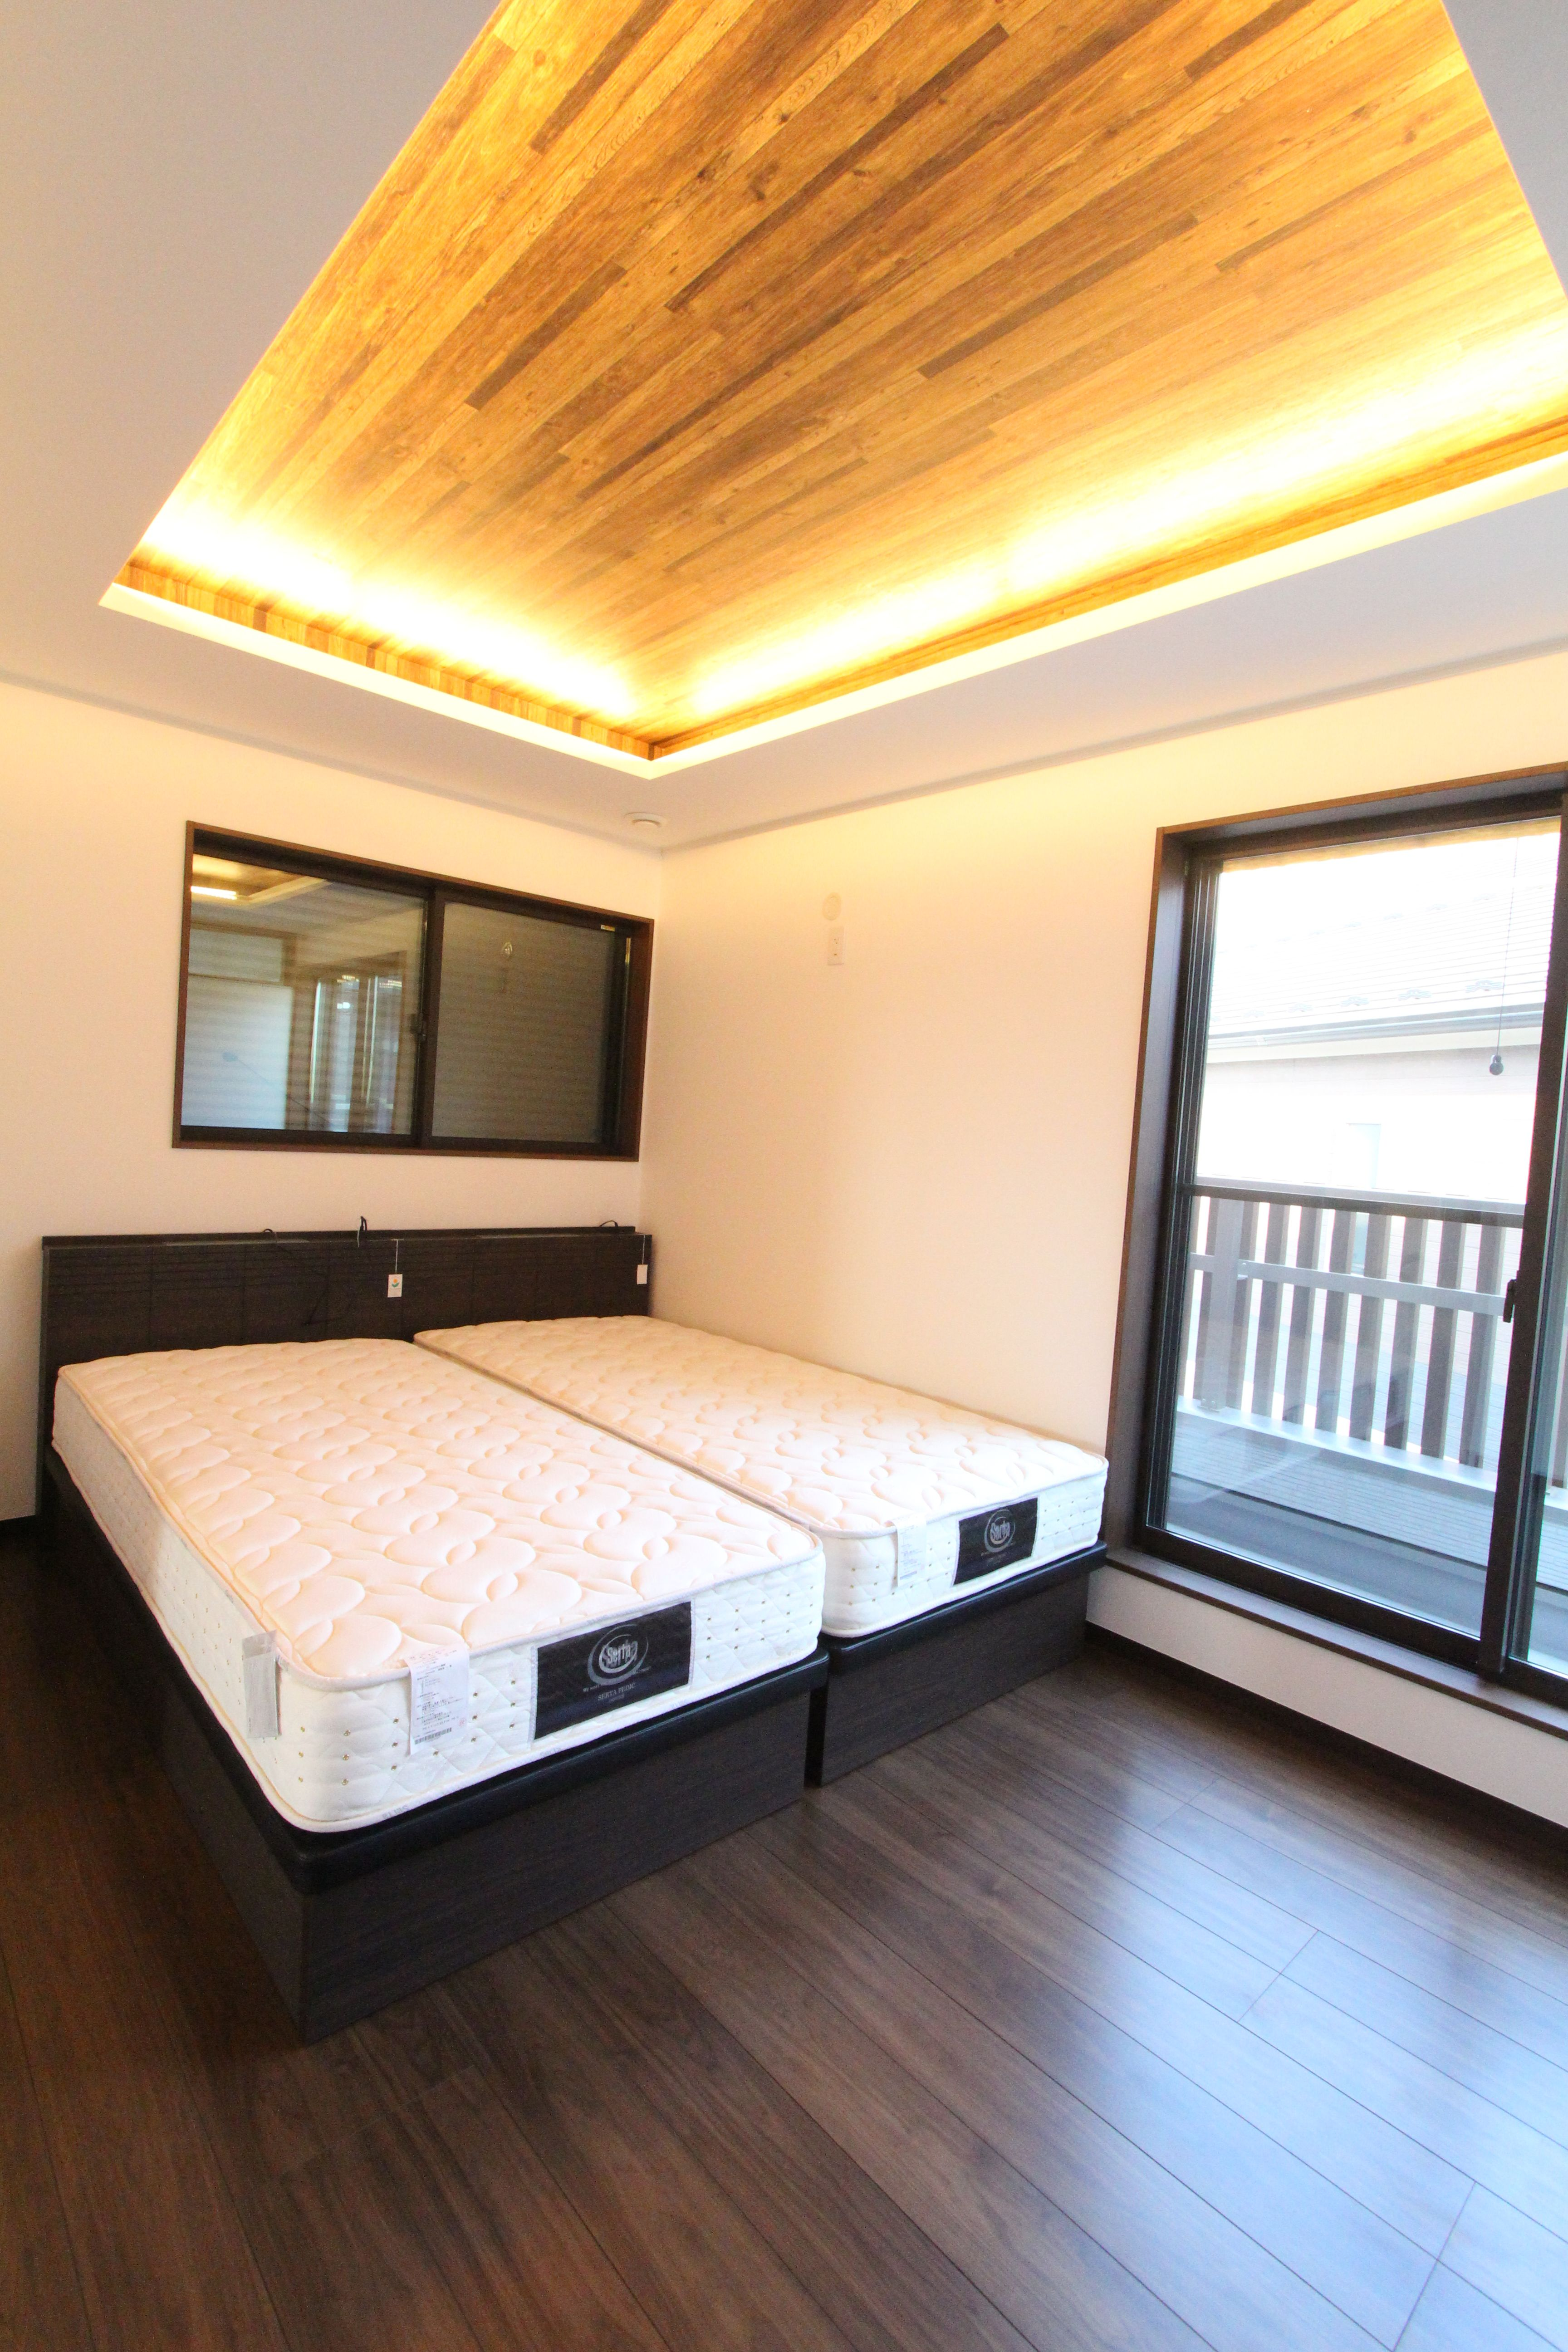 ベッドルーム 折り上げ天井 間接照明 ベッドルーム 家 リビング